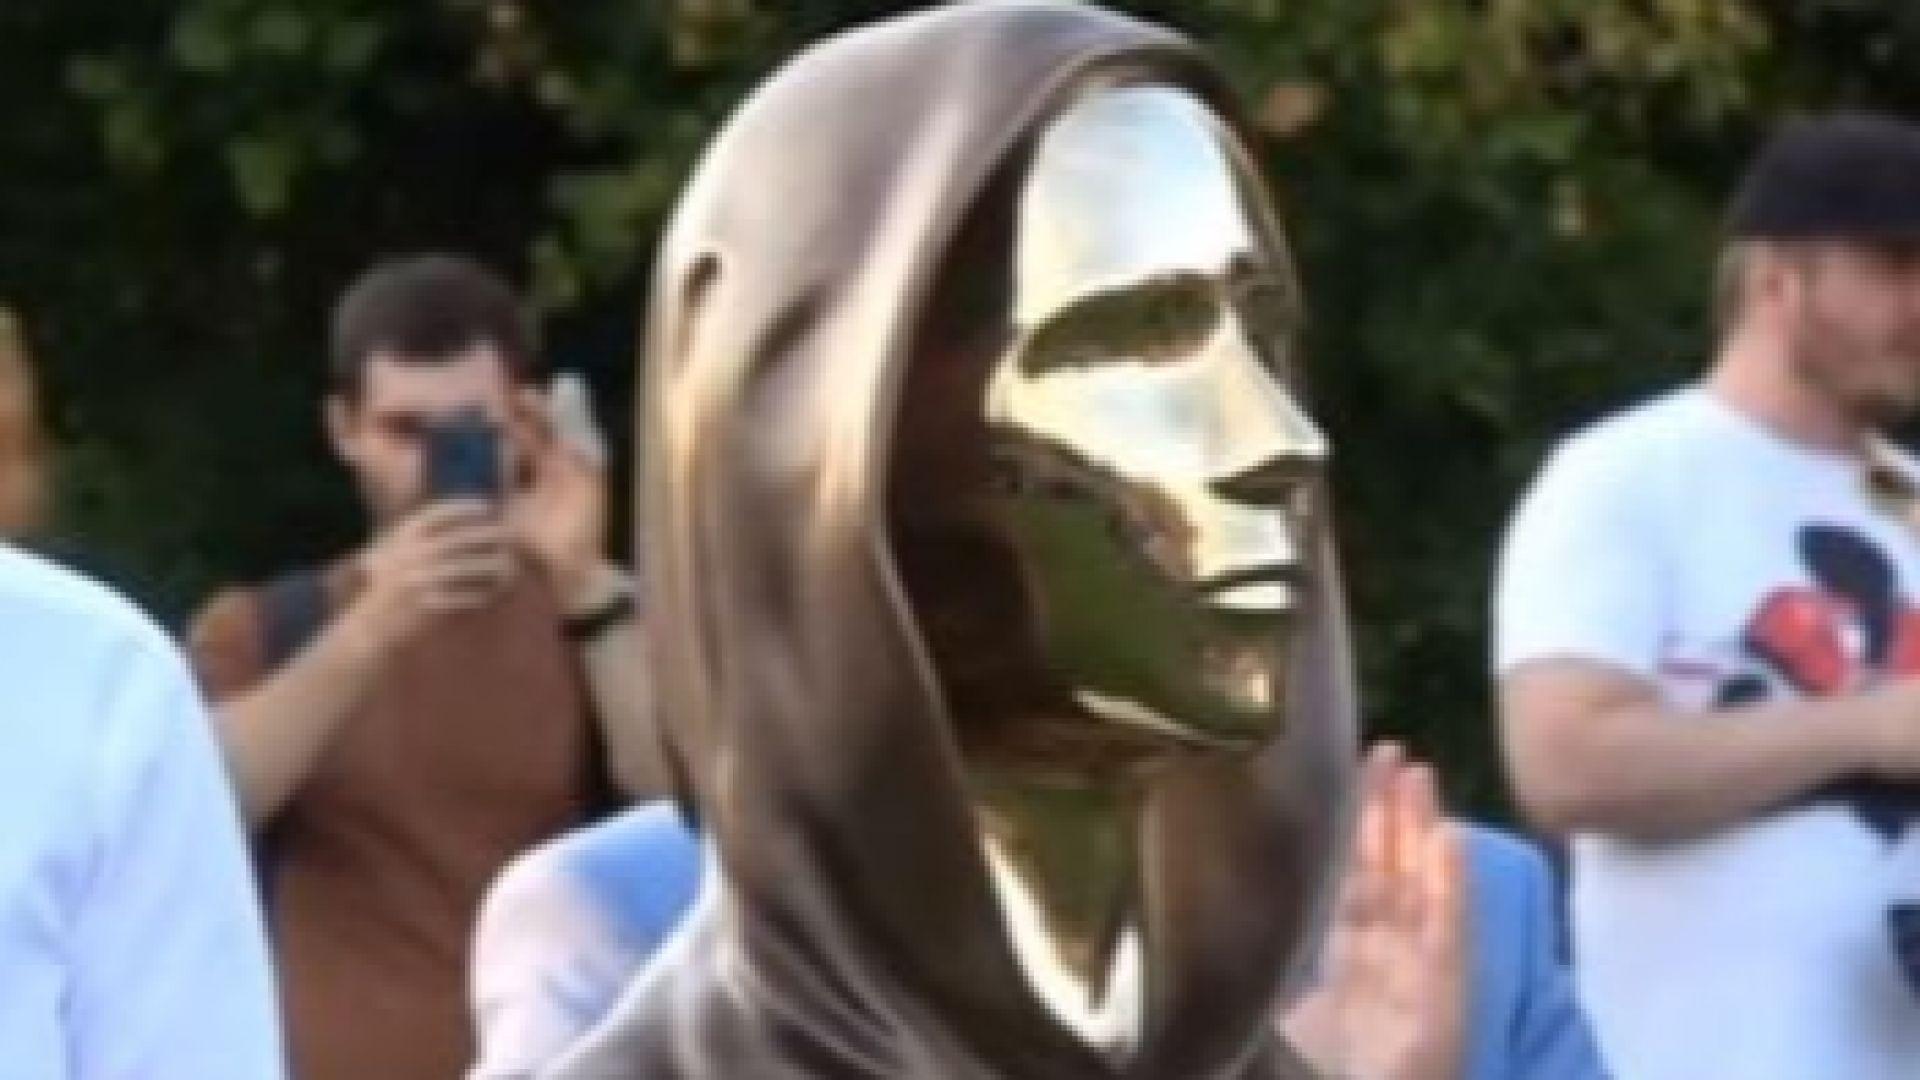 Откриха статуя на тайнствения създател на биткойна - Сатоши Накамото